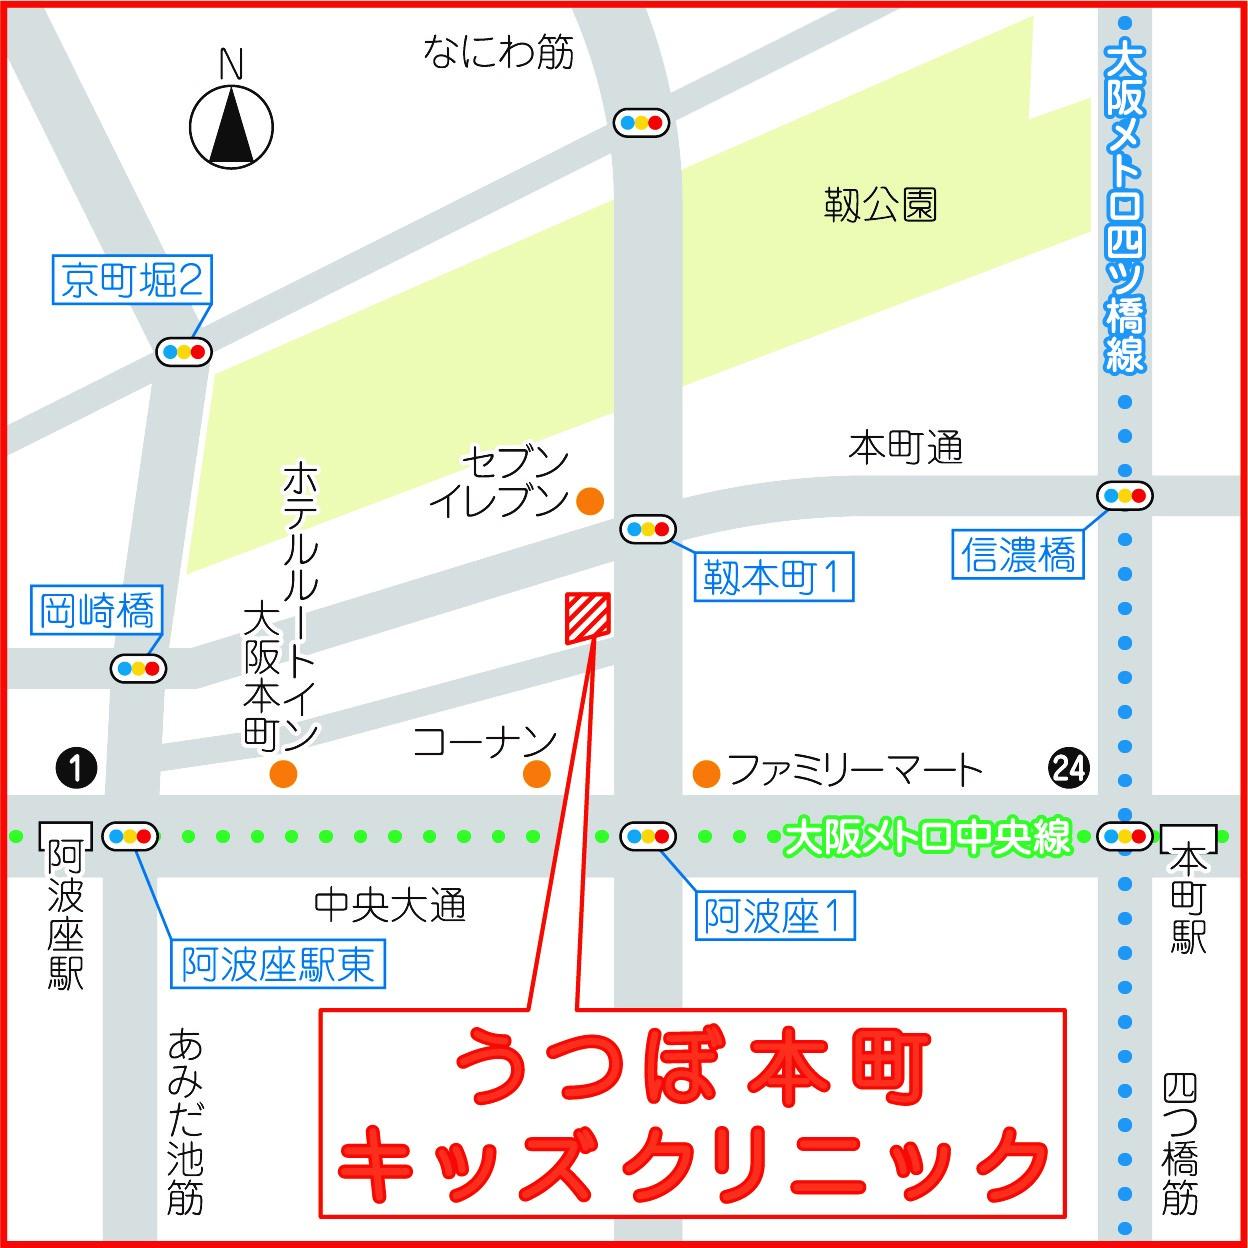 うつぼ本町キッズクリニックイラストマップ